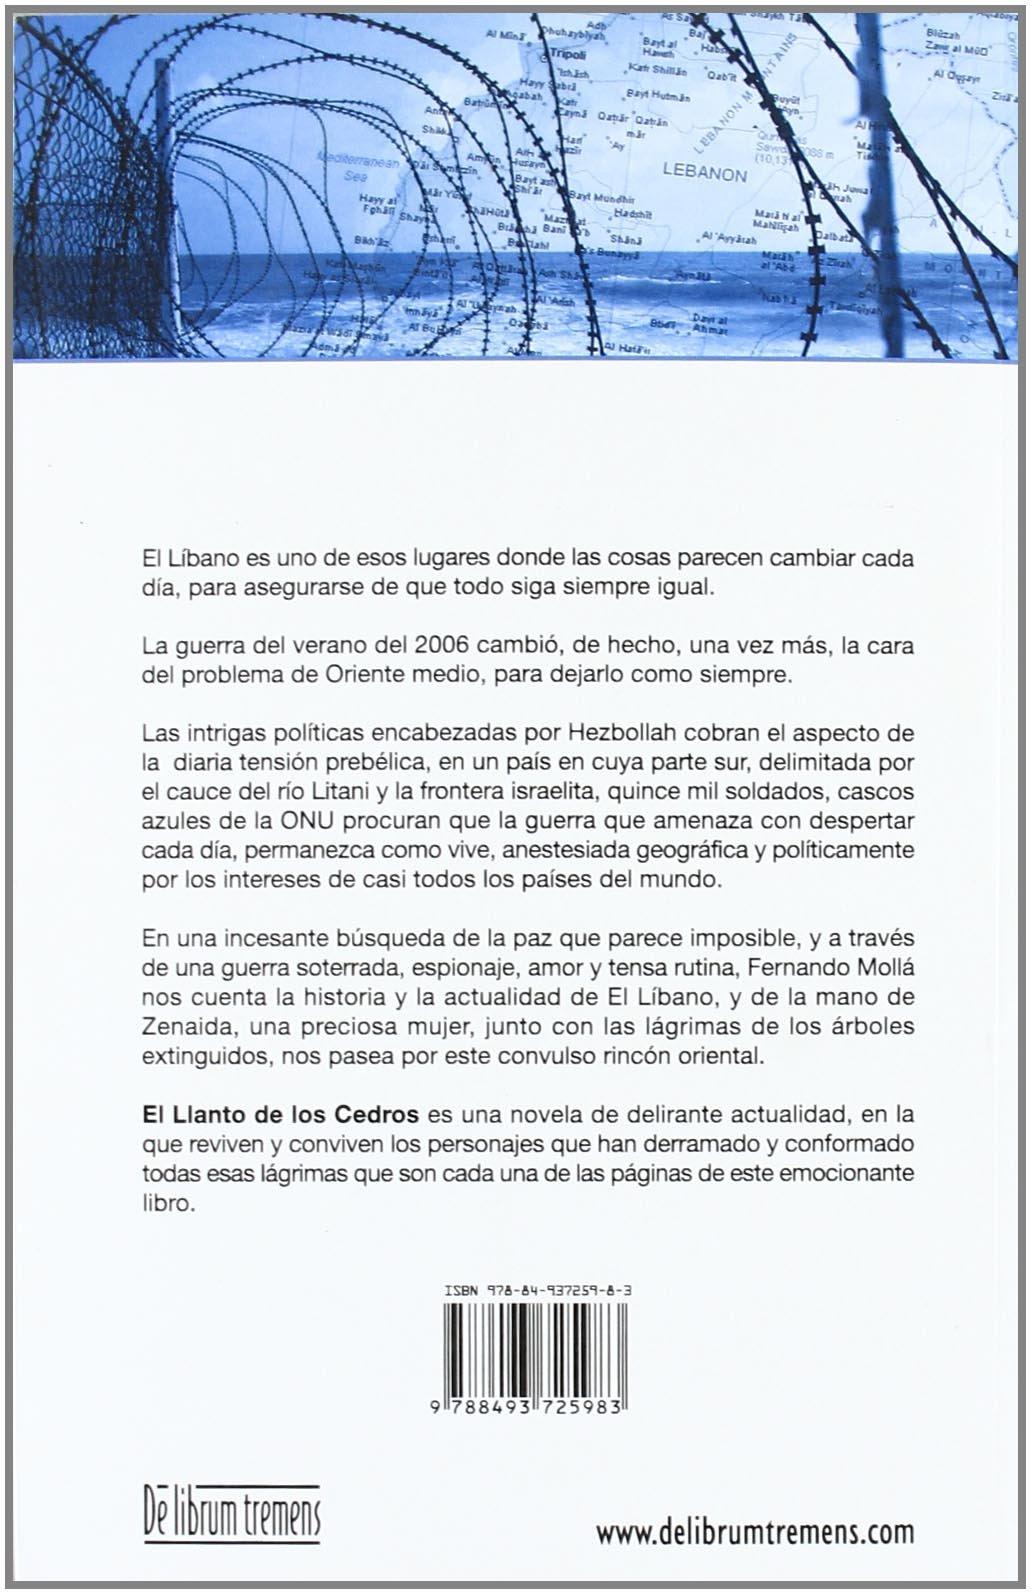 El llanto de los cerdos: FERNANDO MOLLA: 9788493725983: Amazon.com: Books